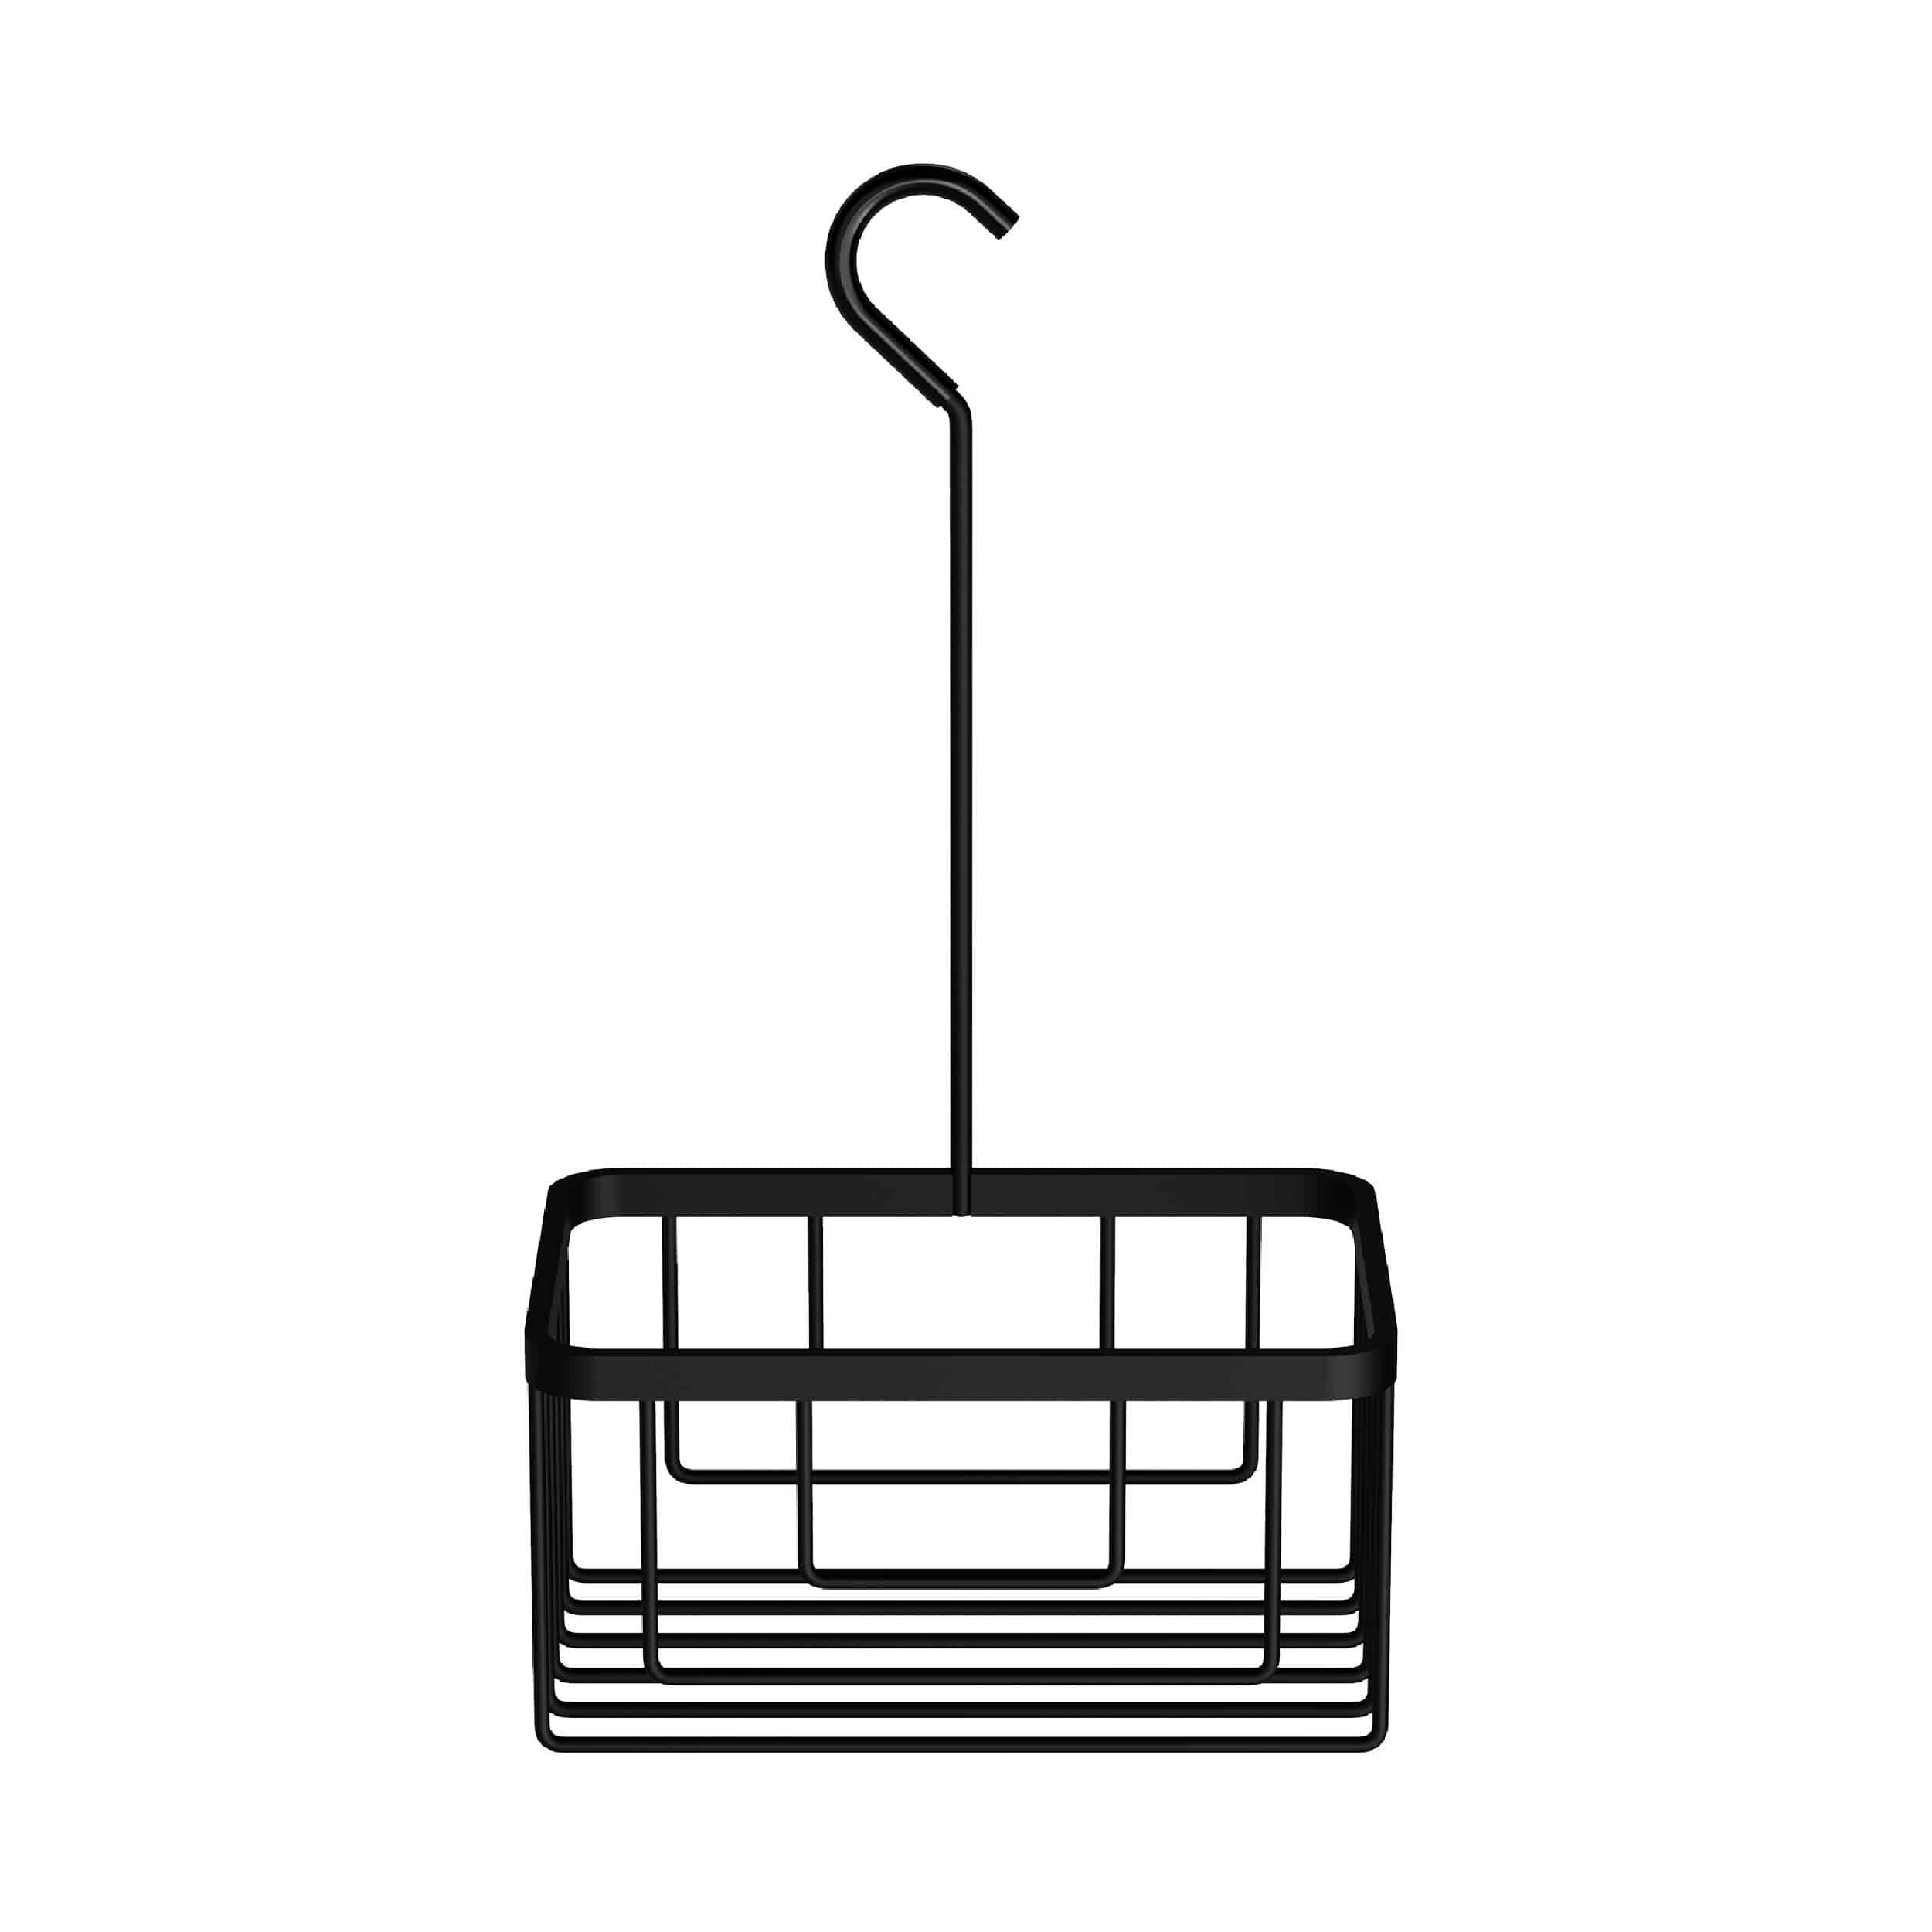 DW 226 Duschkorb zum Einhängen